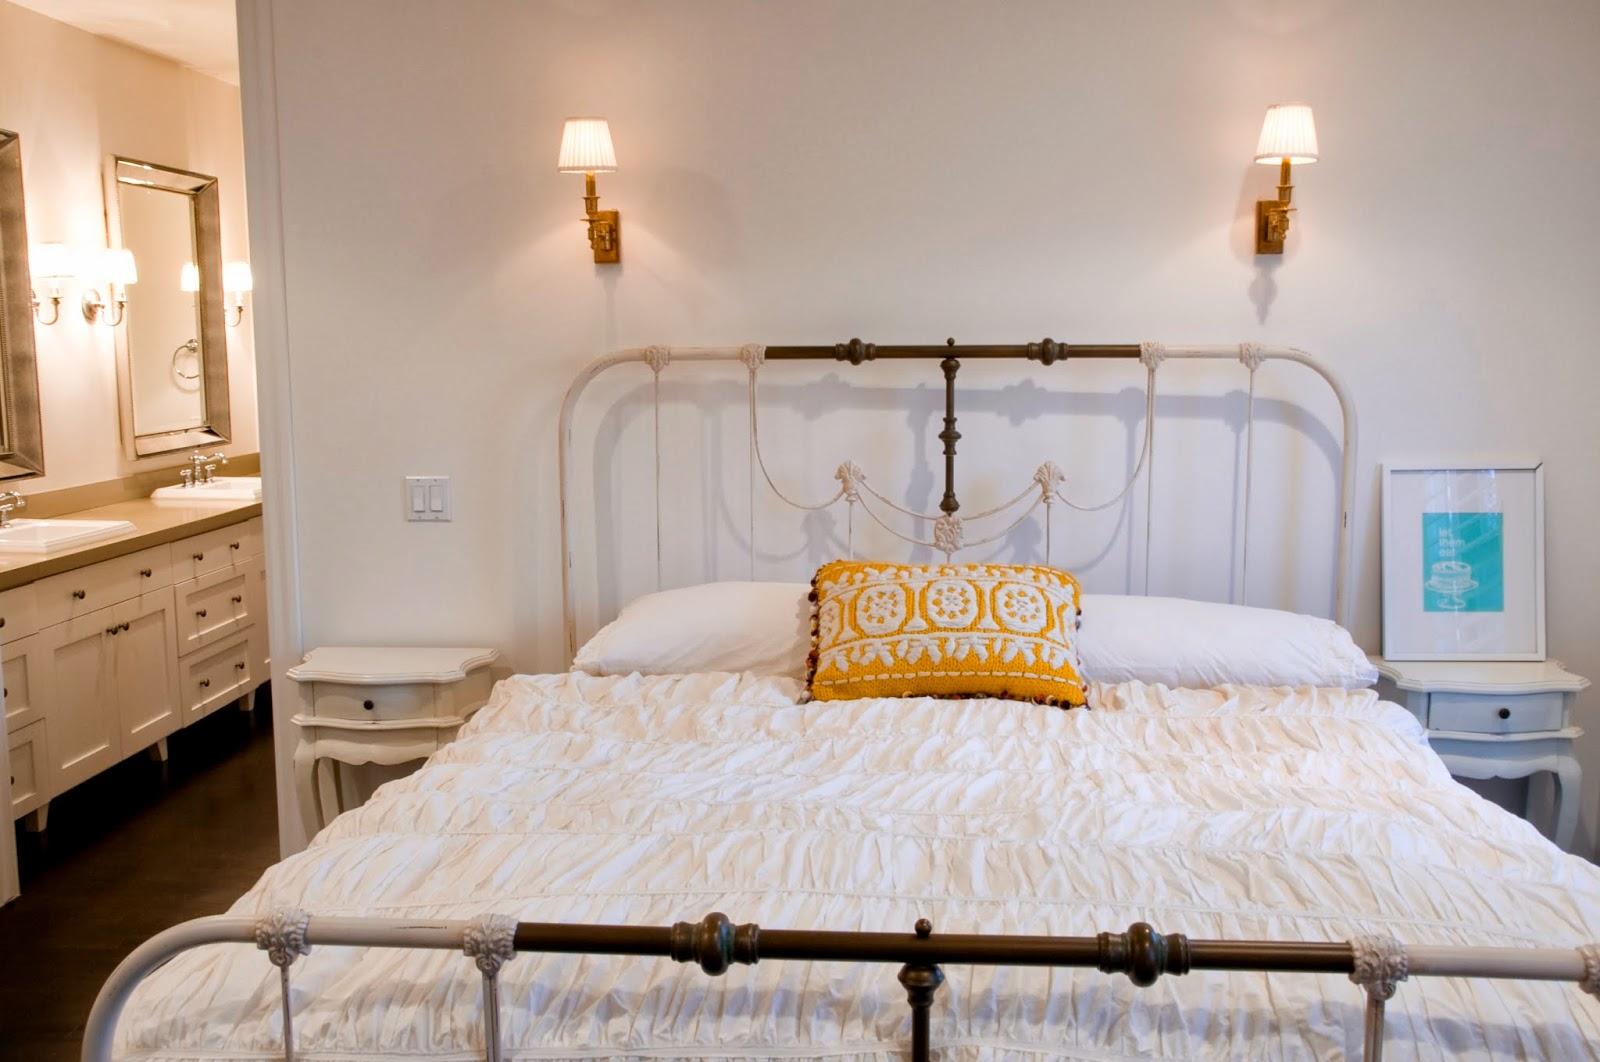 Бежево-коричневая кованая кровать в спальне